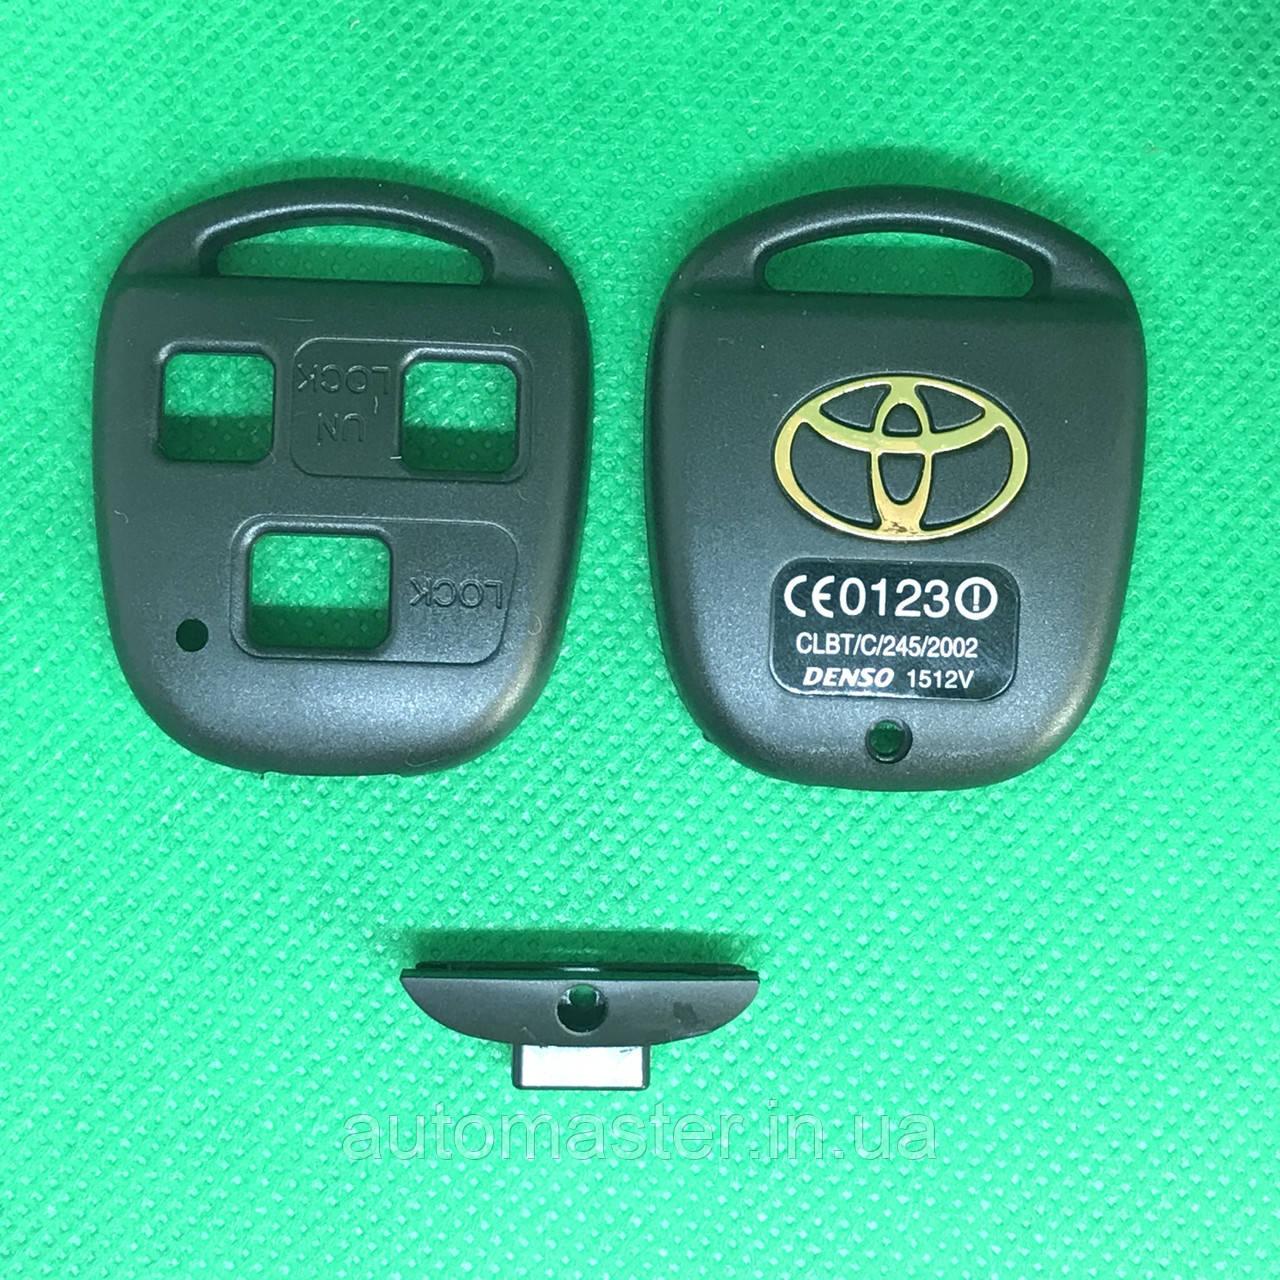 Корпус для автоключа TOYOTA Camry,Prado, Corolla ,Avensis, 3 - кнопки под оригинальное лезвие